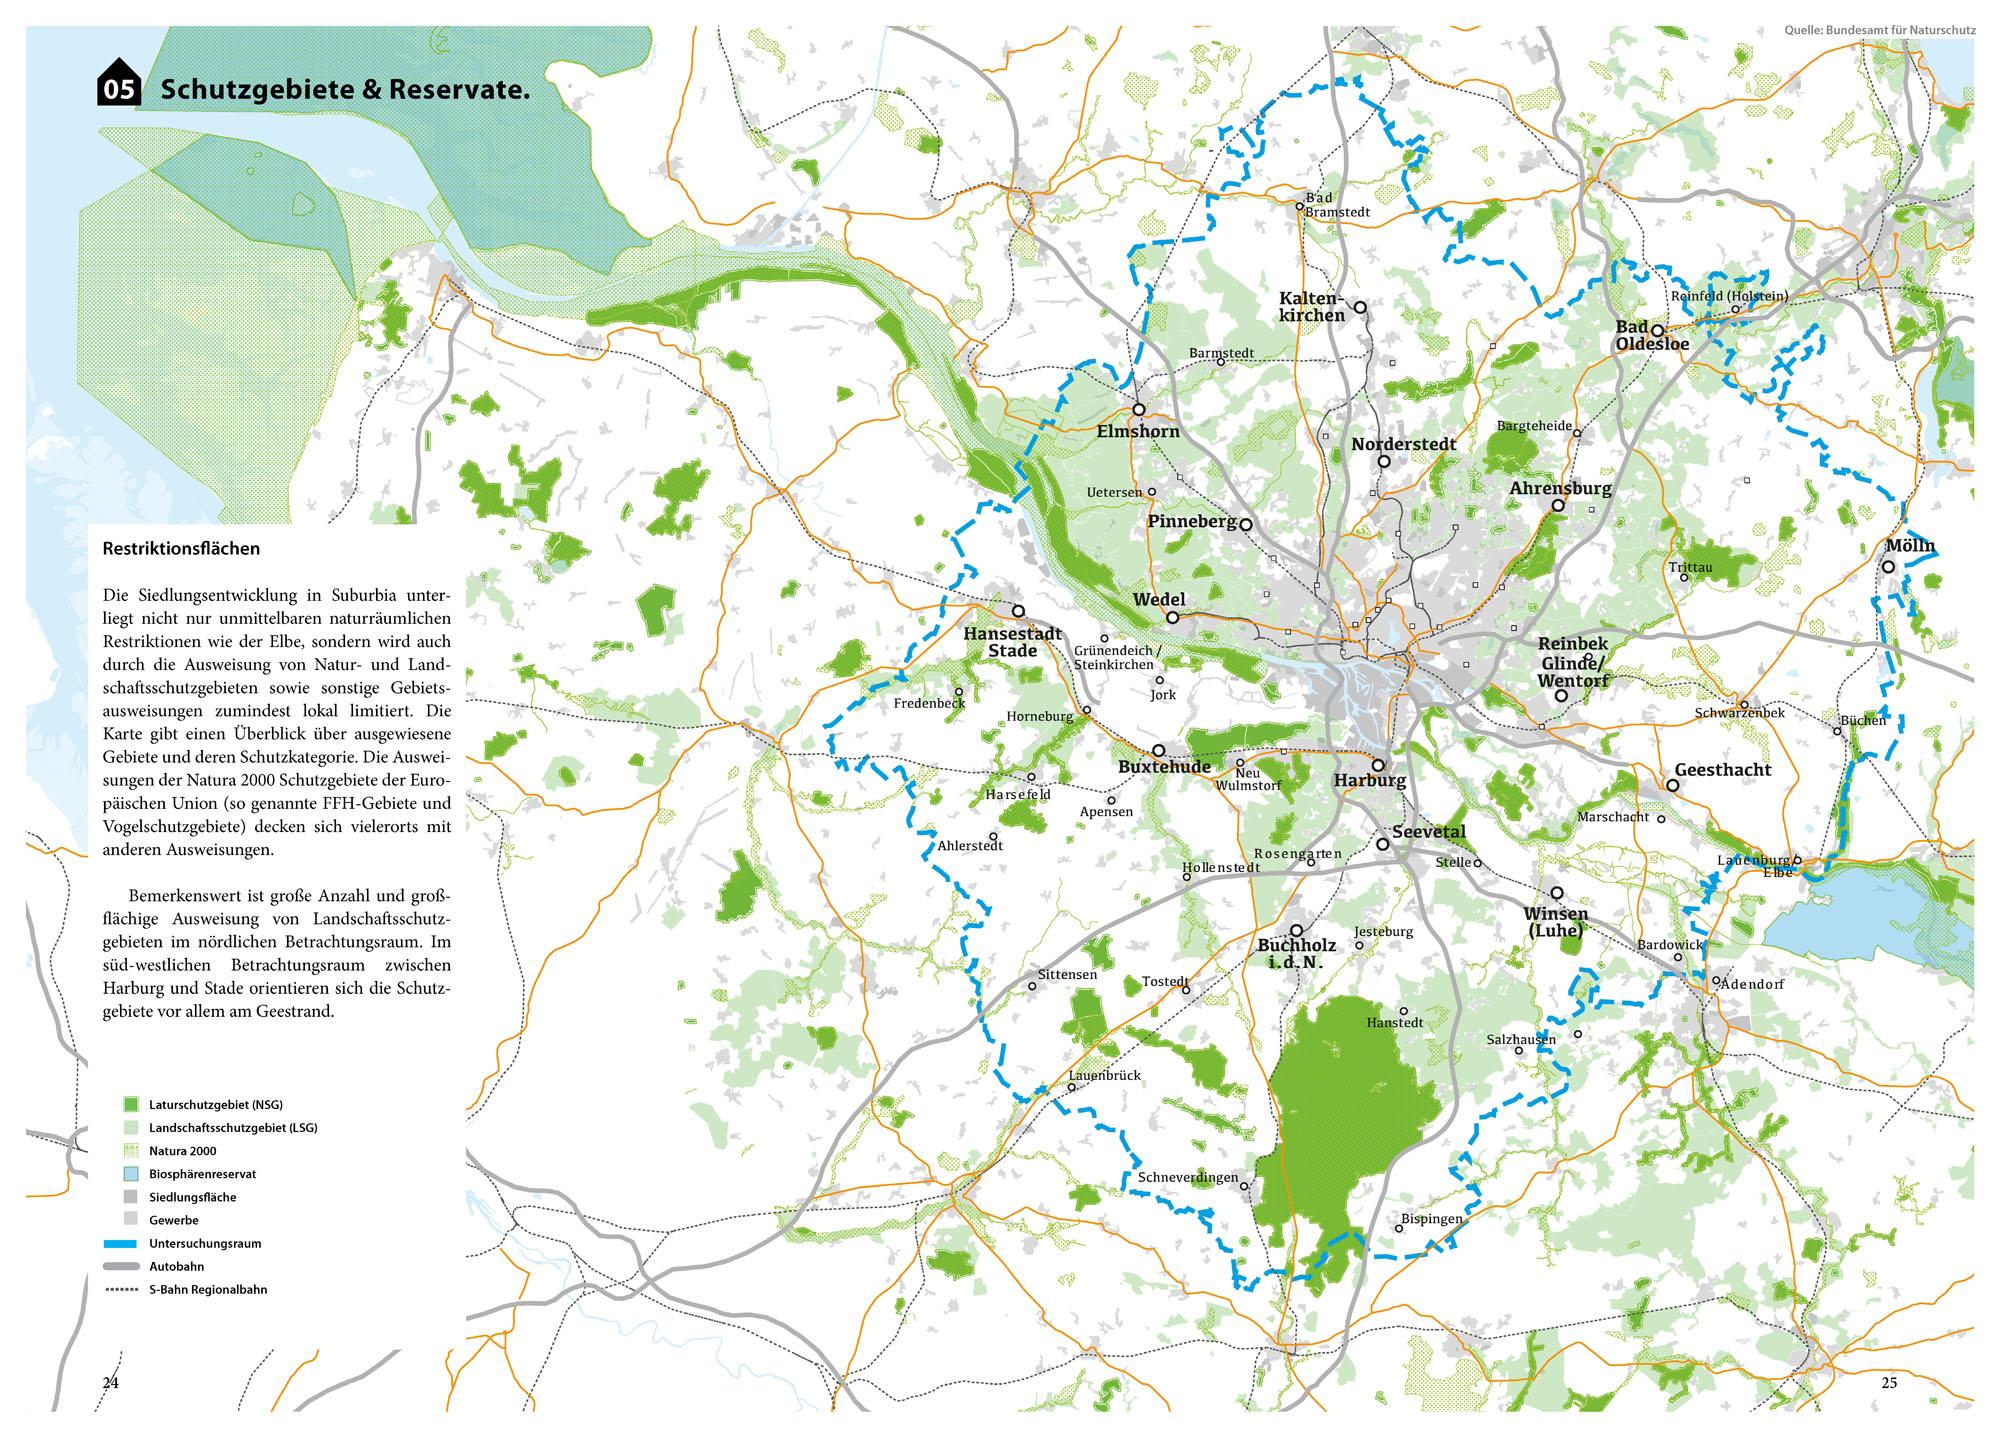 Suburbia Atlas Hamburg Schutzgebiete Reservate Restriktionsflächen Landschaftsschutzgebiet Biosphärenreservat Karte